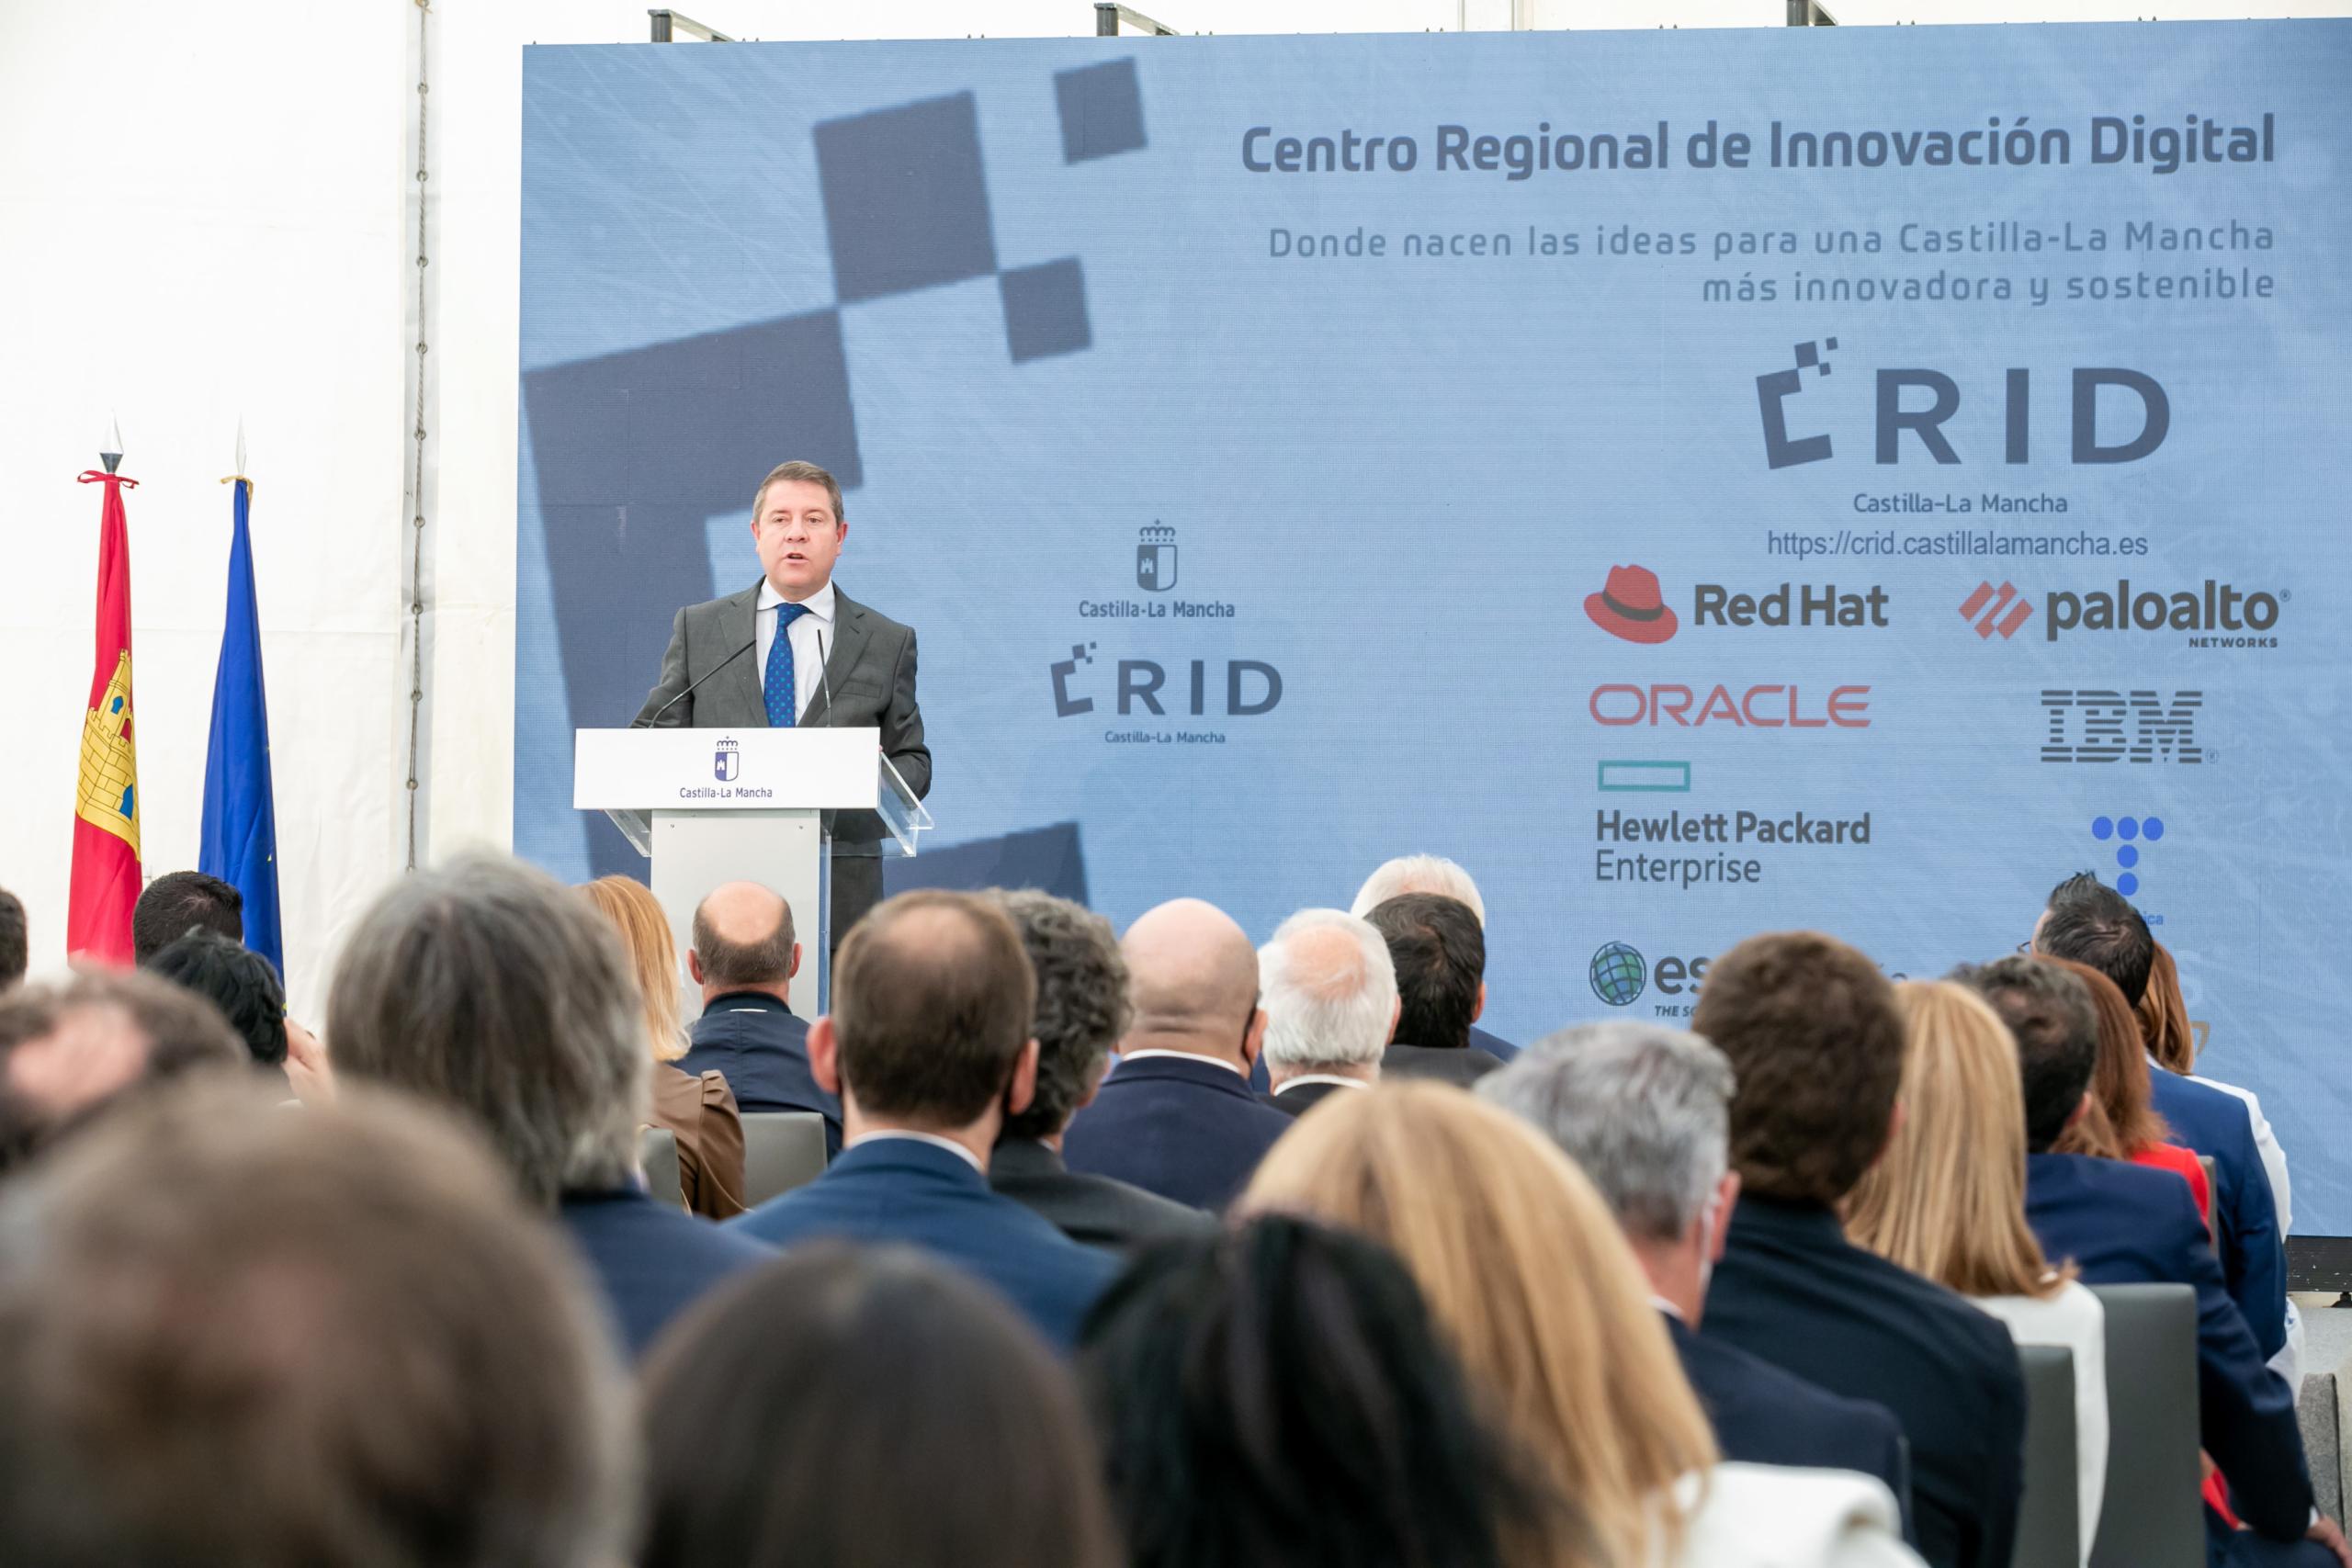 Page inaugura el CRID que ya es referente tecnológico